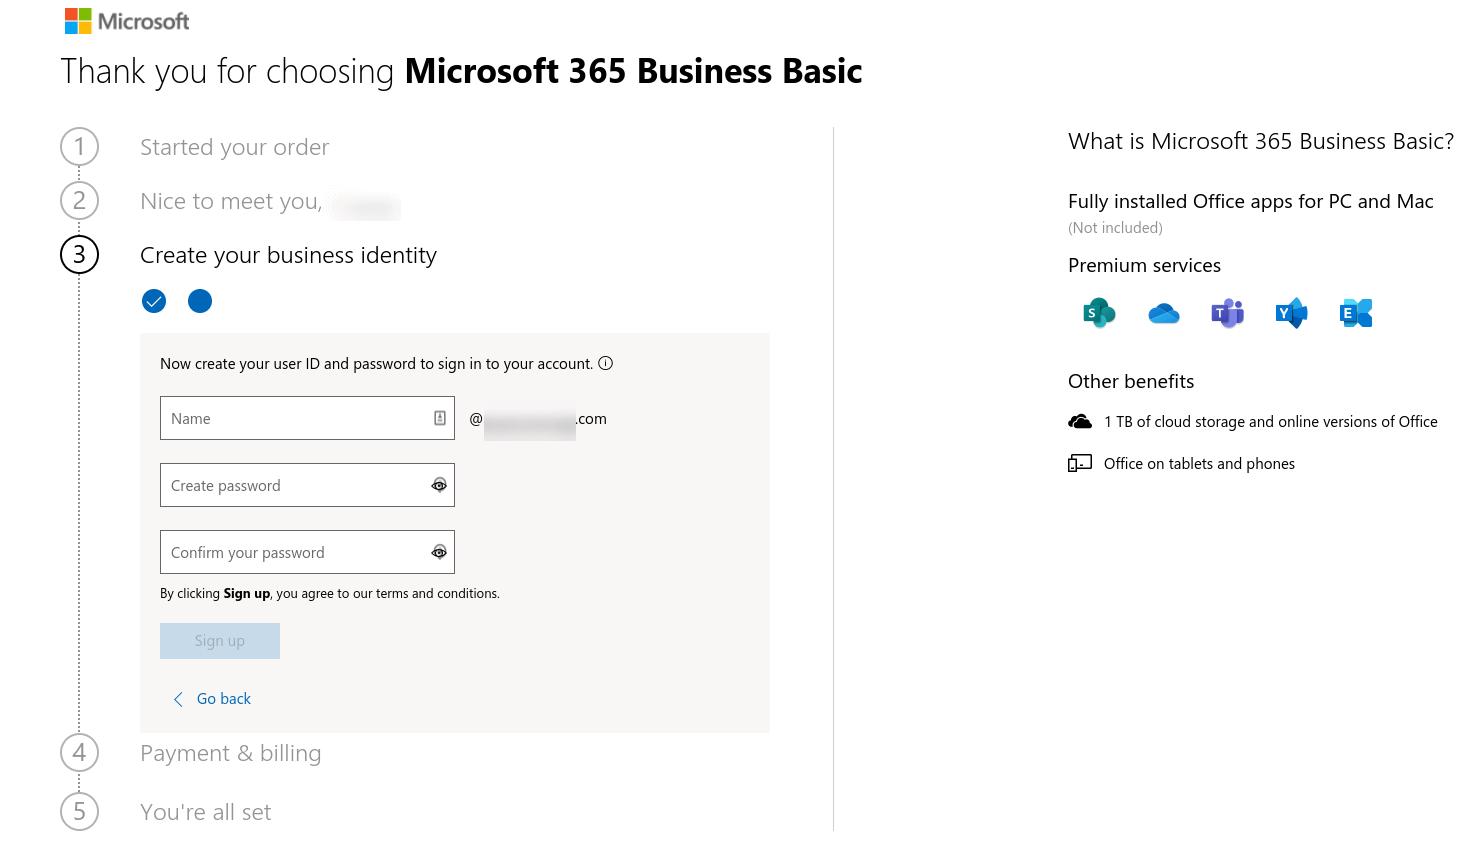 El formulario para crear un ID de usuario y una contraseña para Microsoft 365.